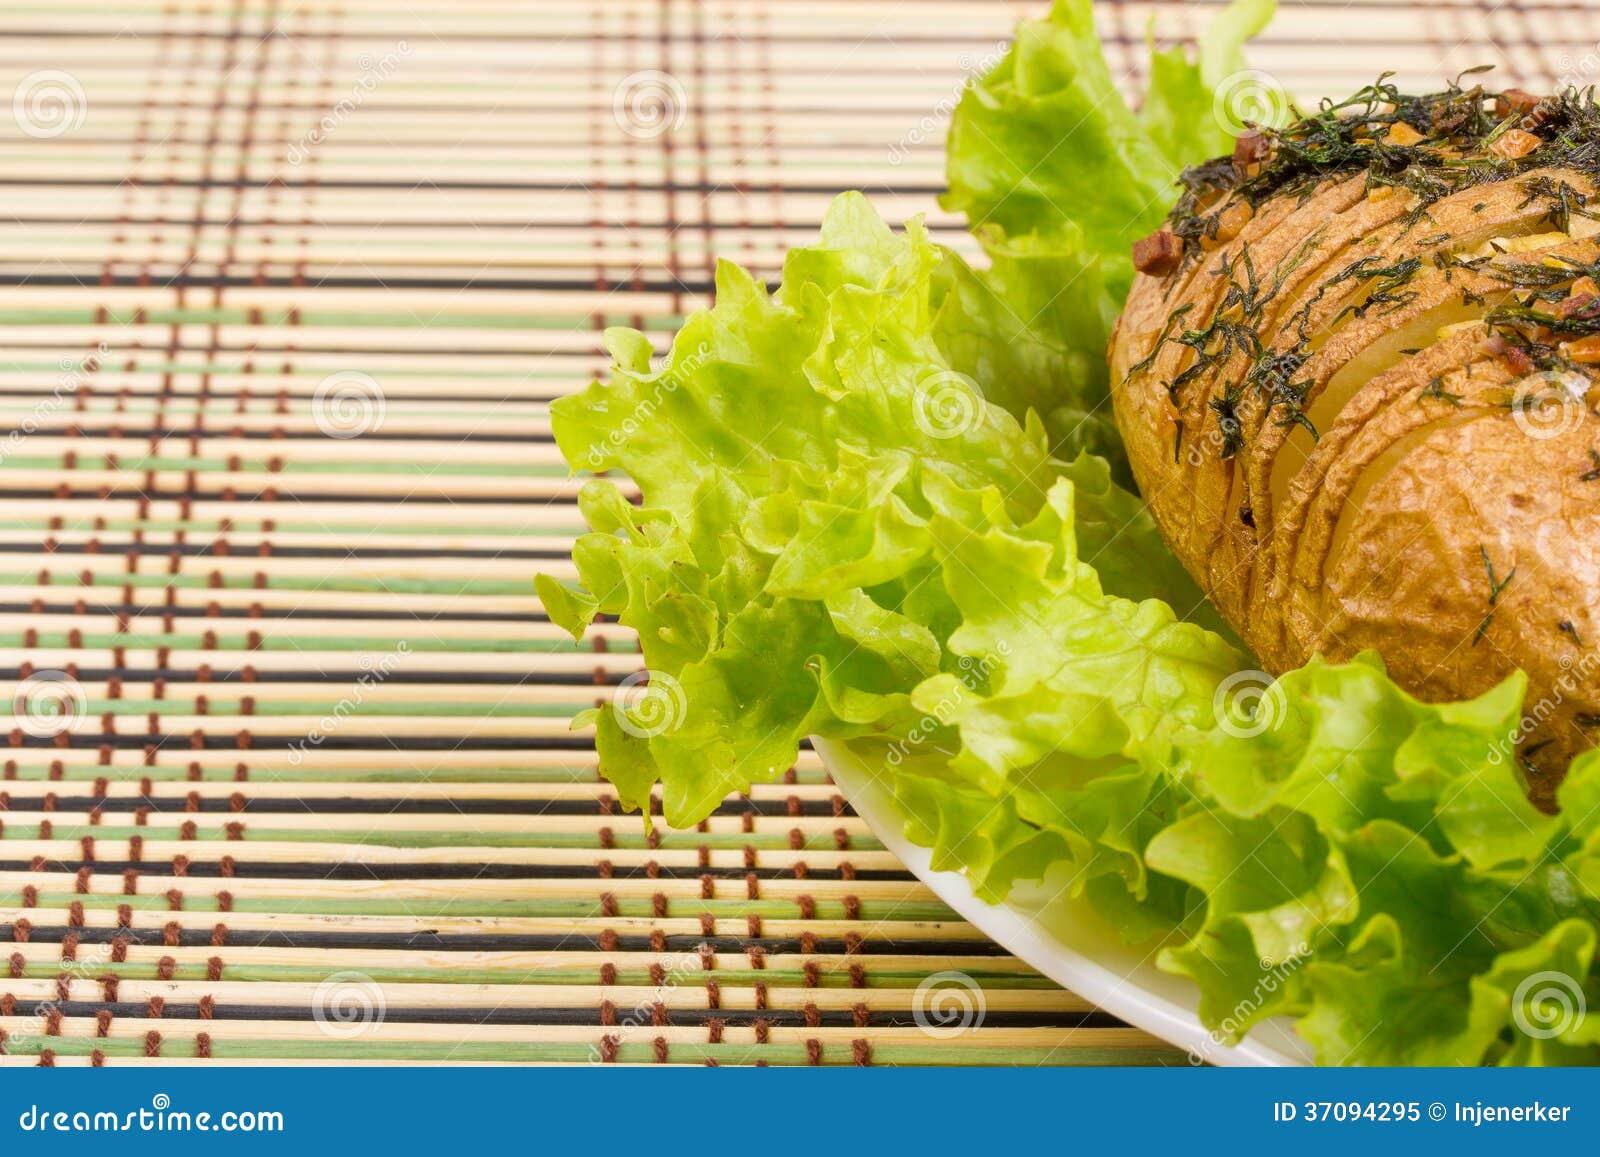 De aardappel in de schil met knoflook en venkel royalty vrije stock foto afbeelding 37094295 - Ontwerp voorgerecht ...